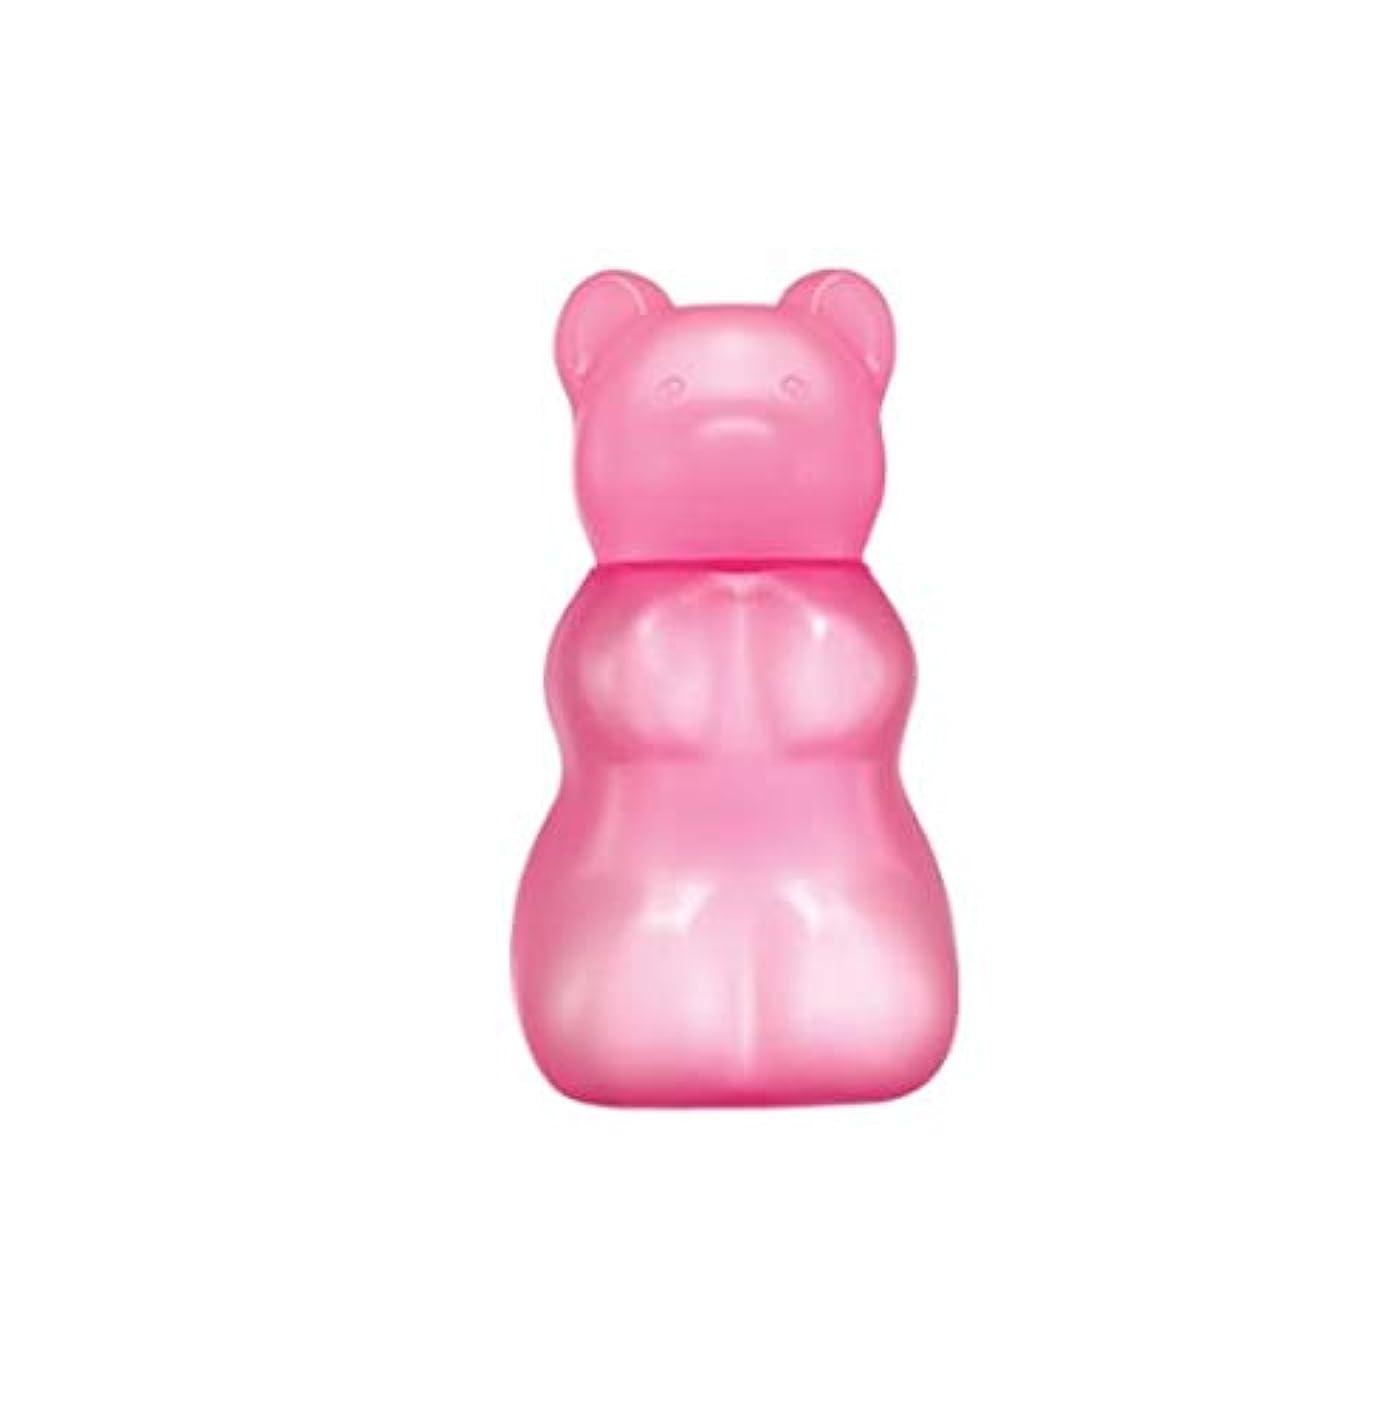 普及支援東部Skinfood グミベアゼリークリーンジェル(アップル)#ラズベリー(ハンドジェル) / Gummy Bear Jelly Clean Gel (Apple) #Raspberry (Handgel) 45ml [並行輸入品]